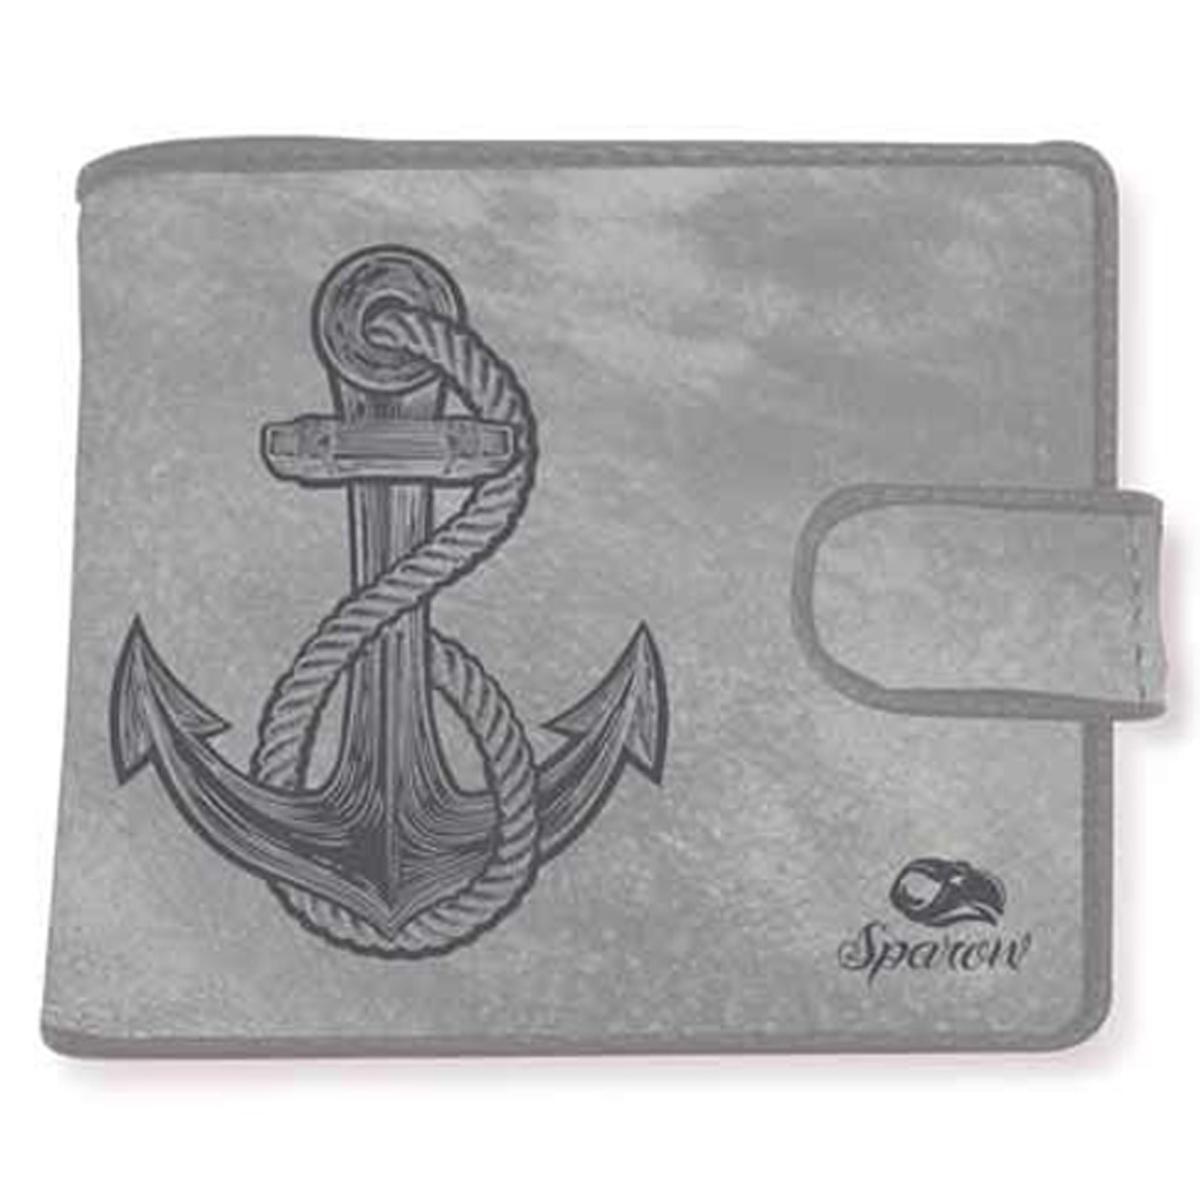 Portefeuille italien \'Sparow\' gris (ancre marine) - 11x10x2 cm - [Q3194]